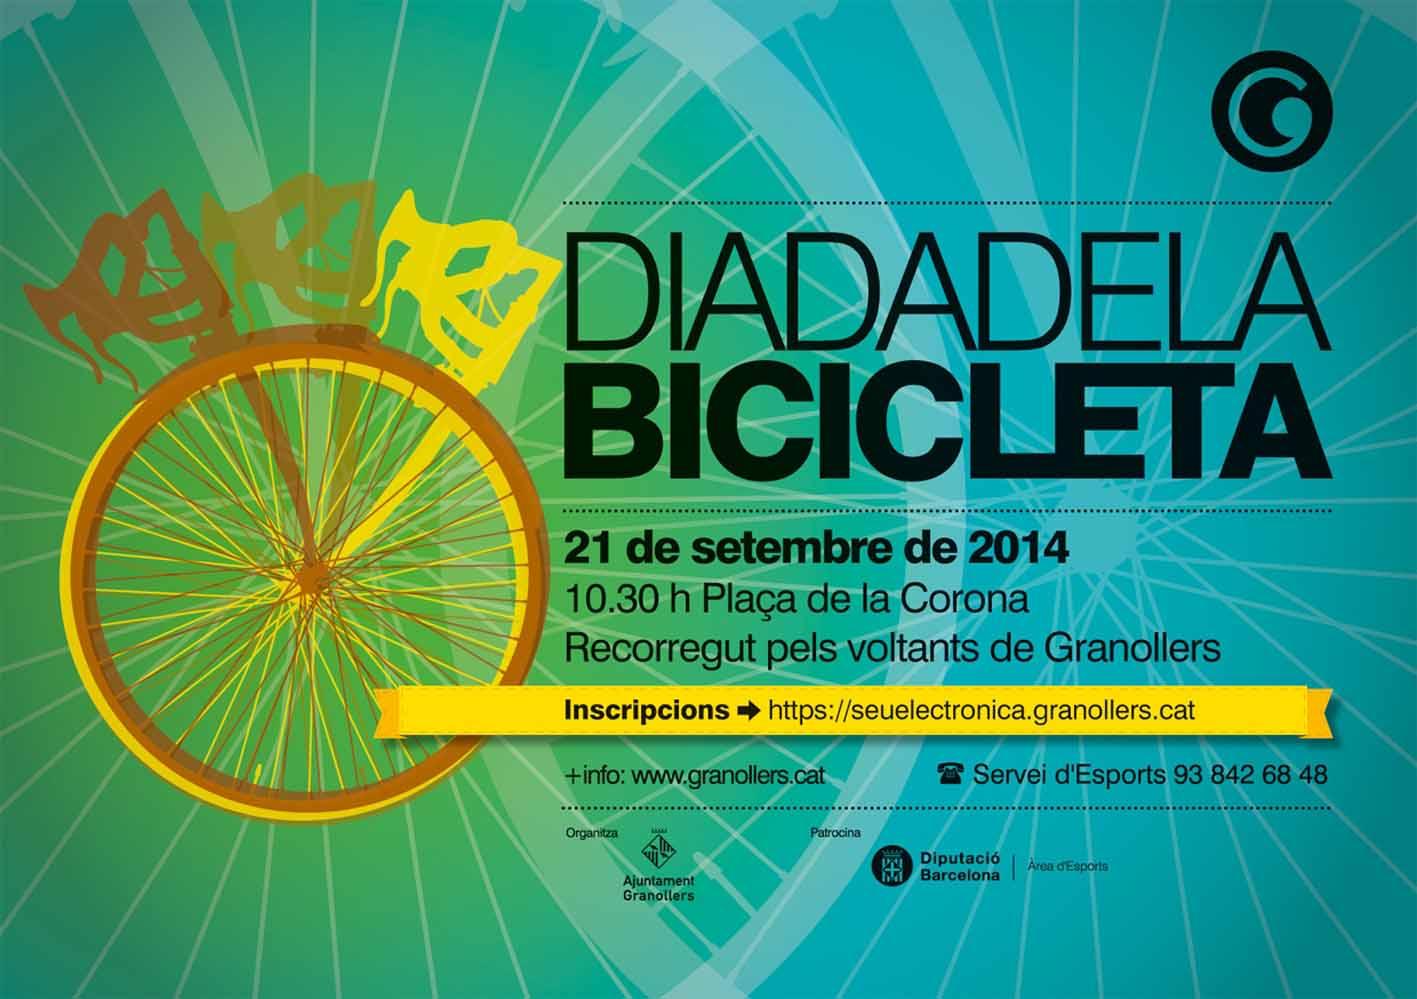 diada_de_la_bicicleta_1_ok.jpg